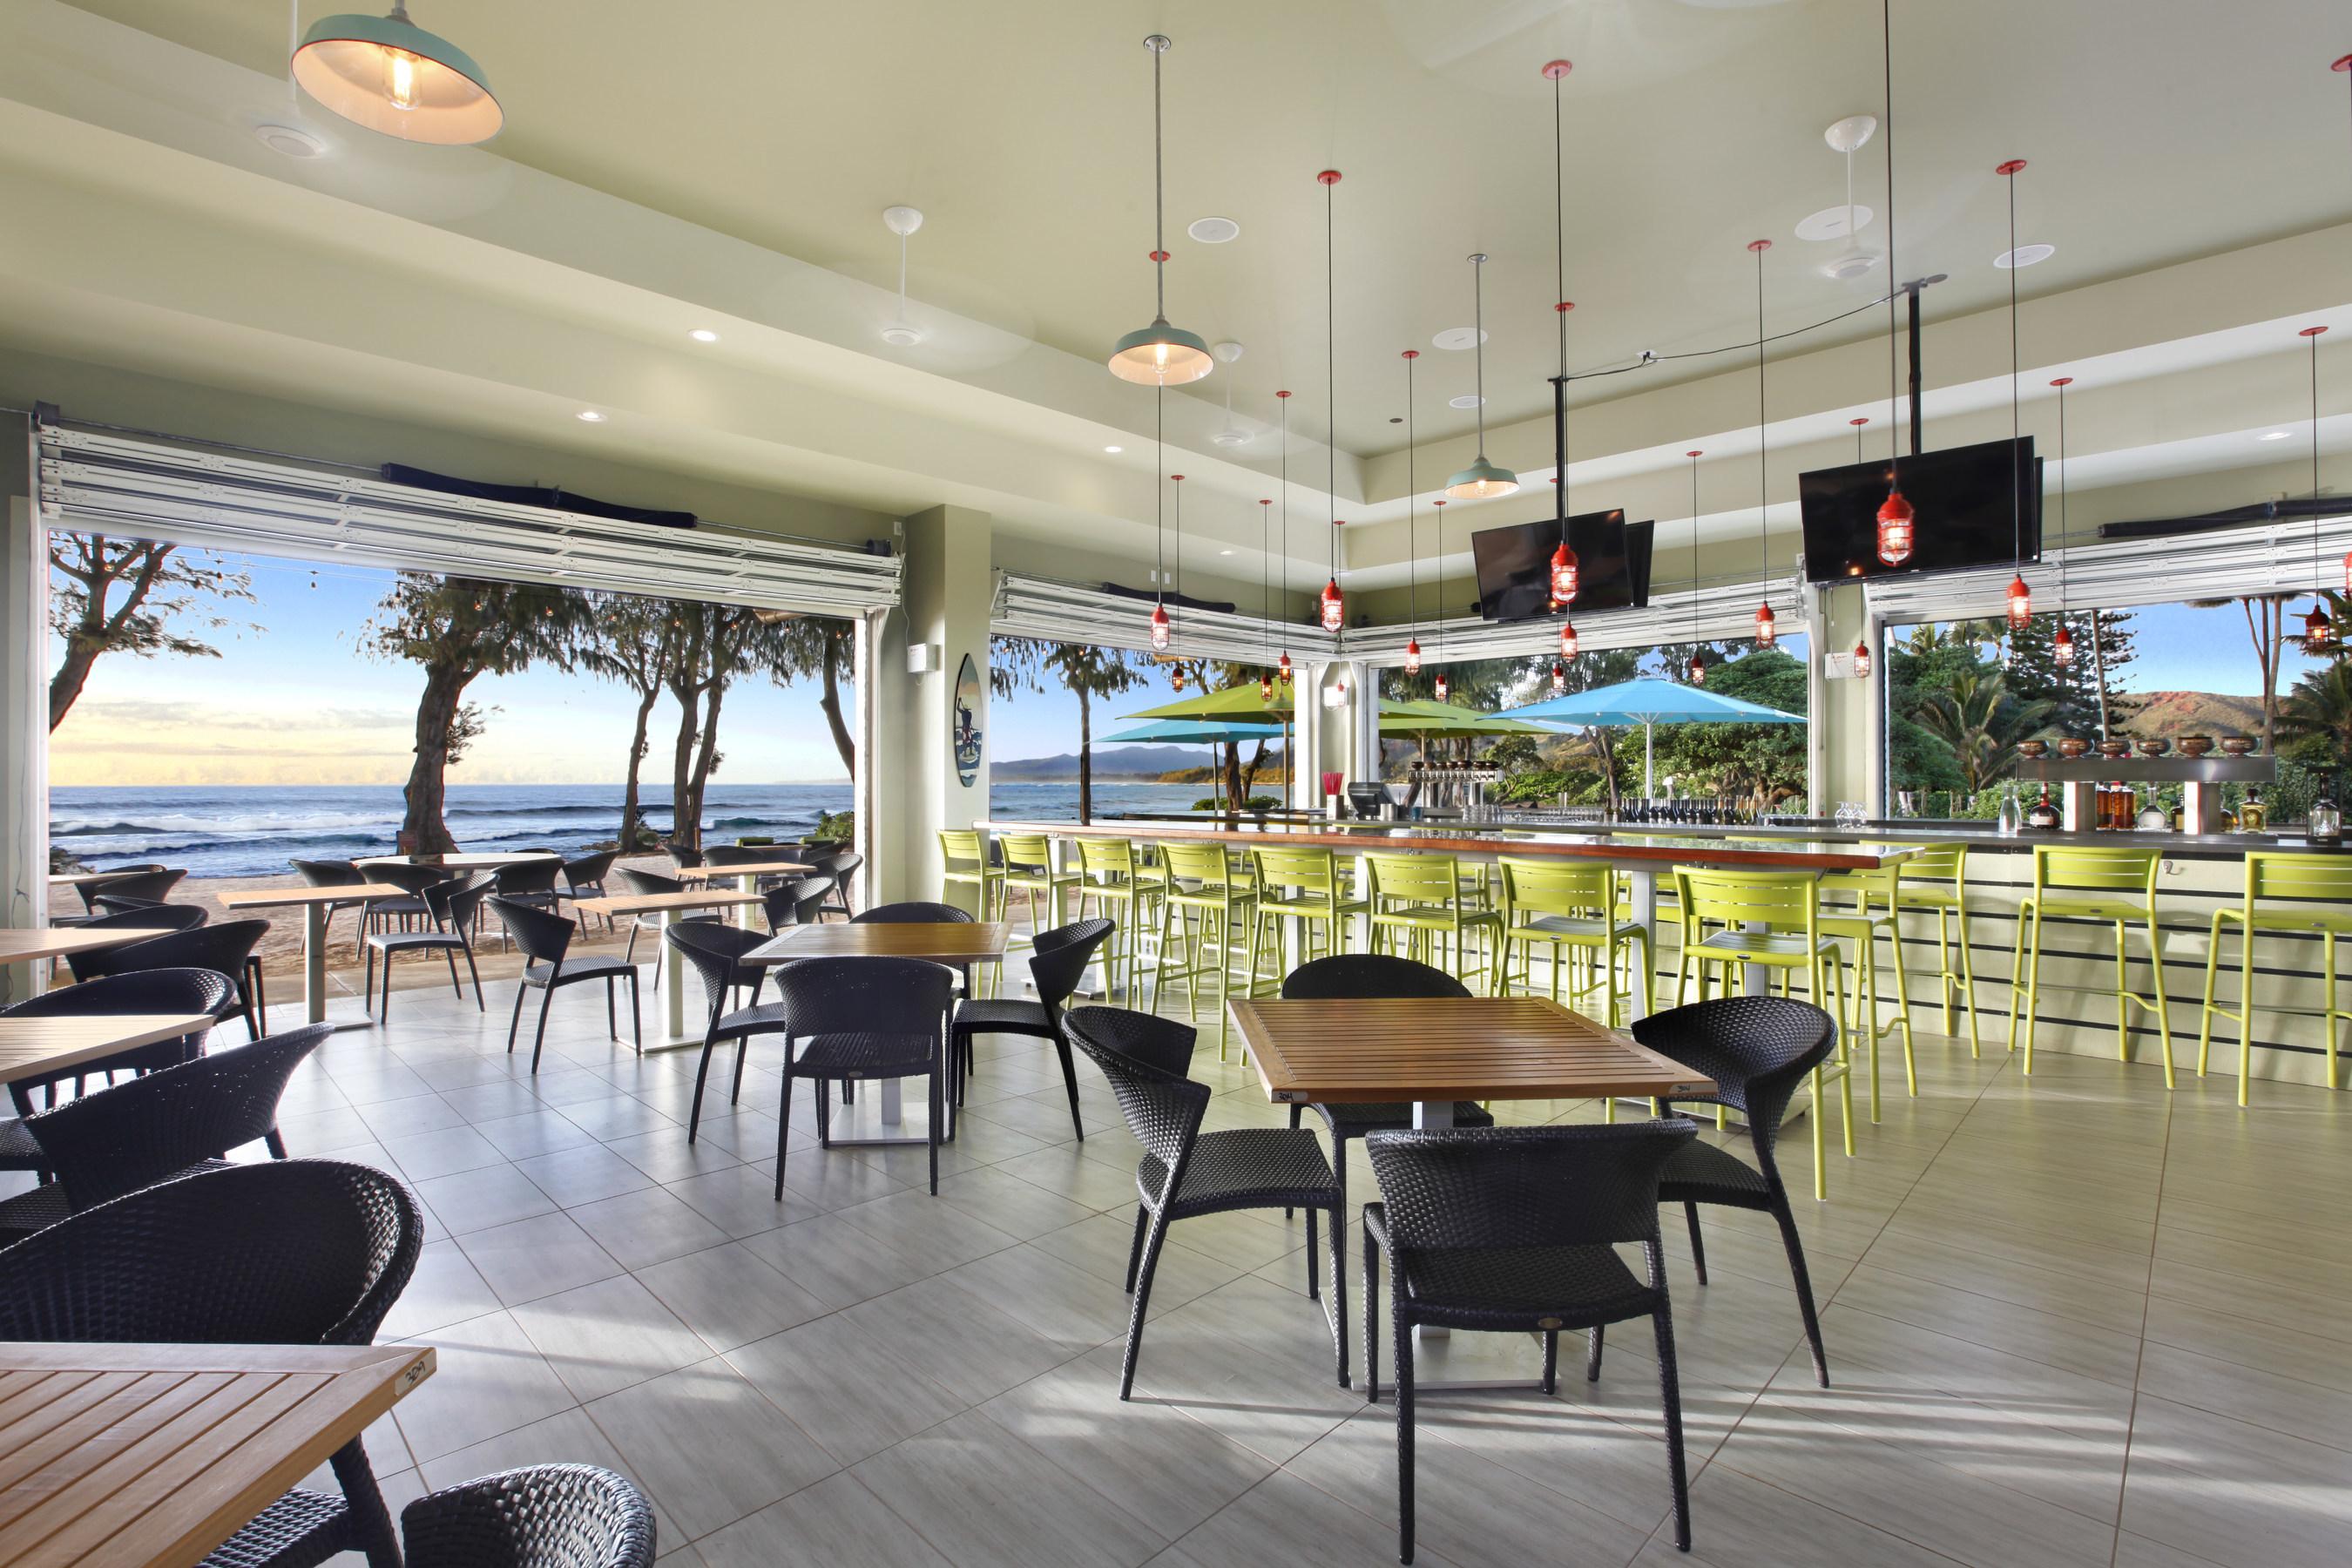 The Lava Lava Beach Club oceanfront restaurant at Kauai Shores, an Aqua Hotel.